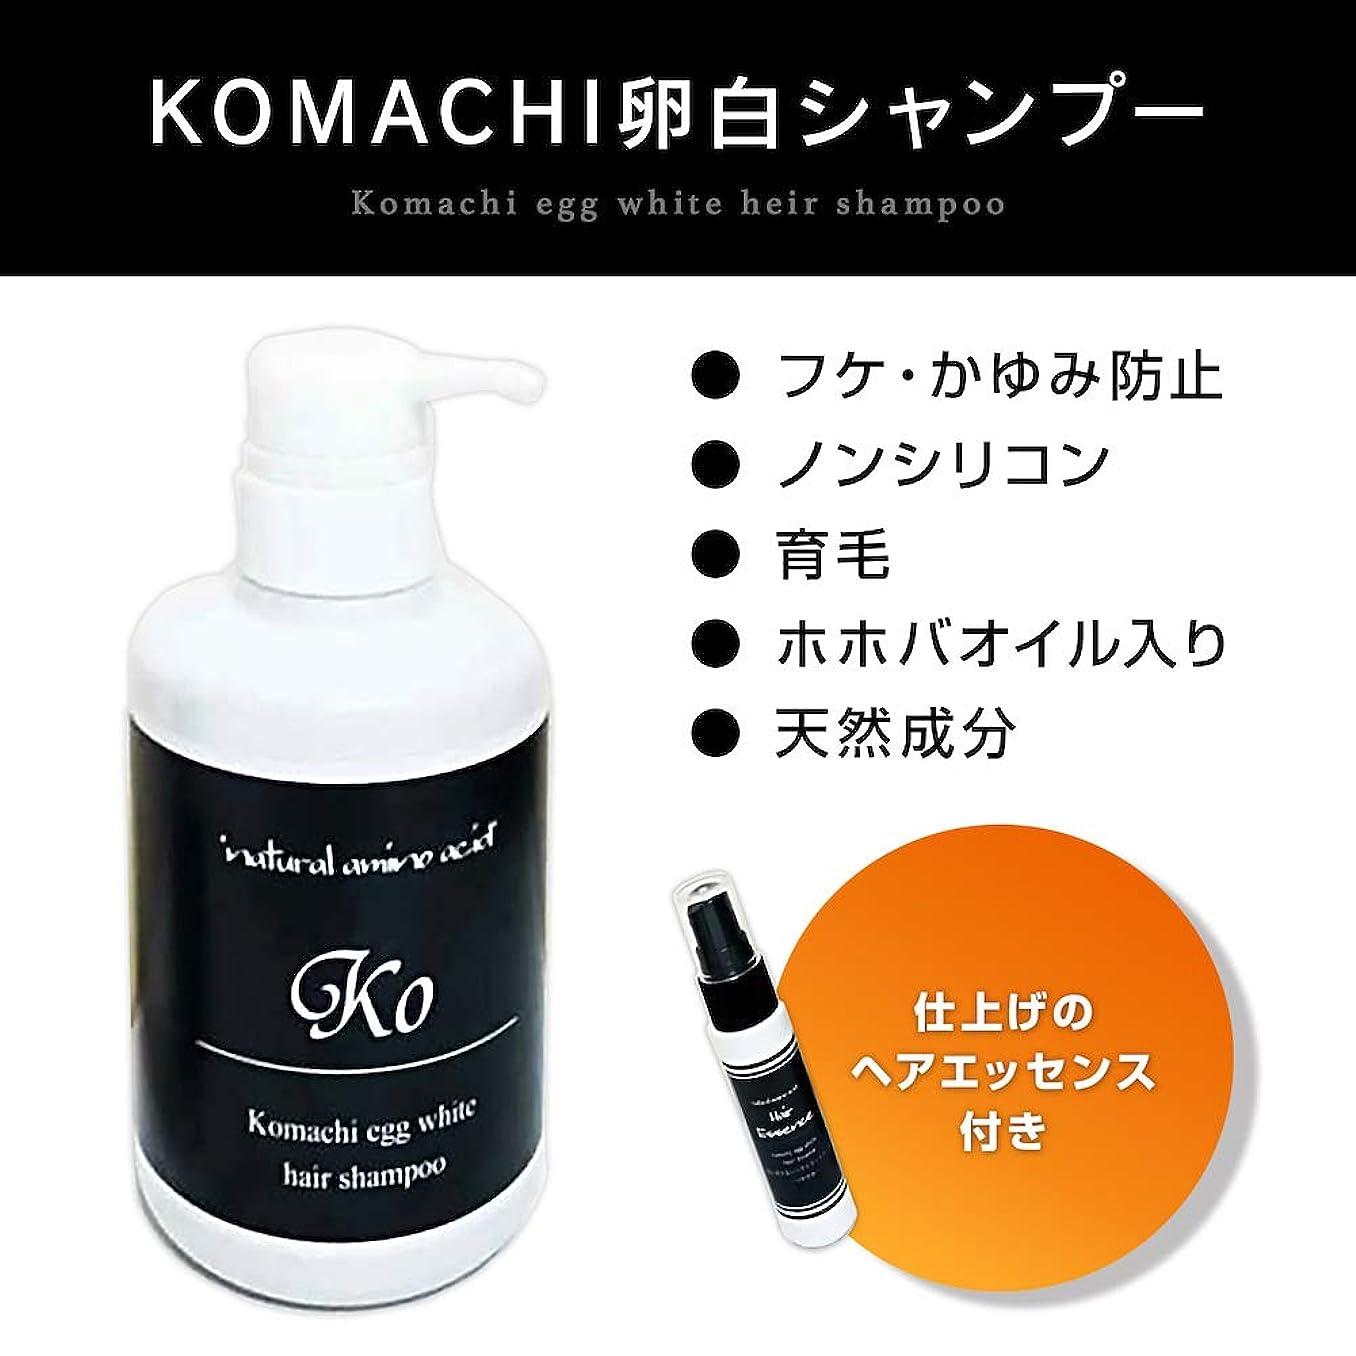 肺炎作成する決してKOMACHI シャンプー メンズ 無添加 人気 オーガニック ノンシリコン 日本製 ホホバオイル入り ヘアエッセンス付きシャンプー セット